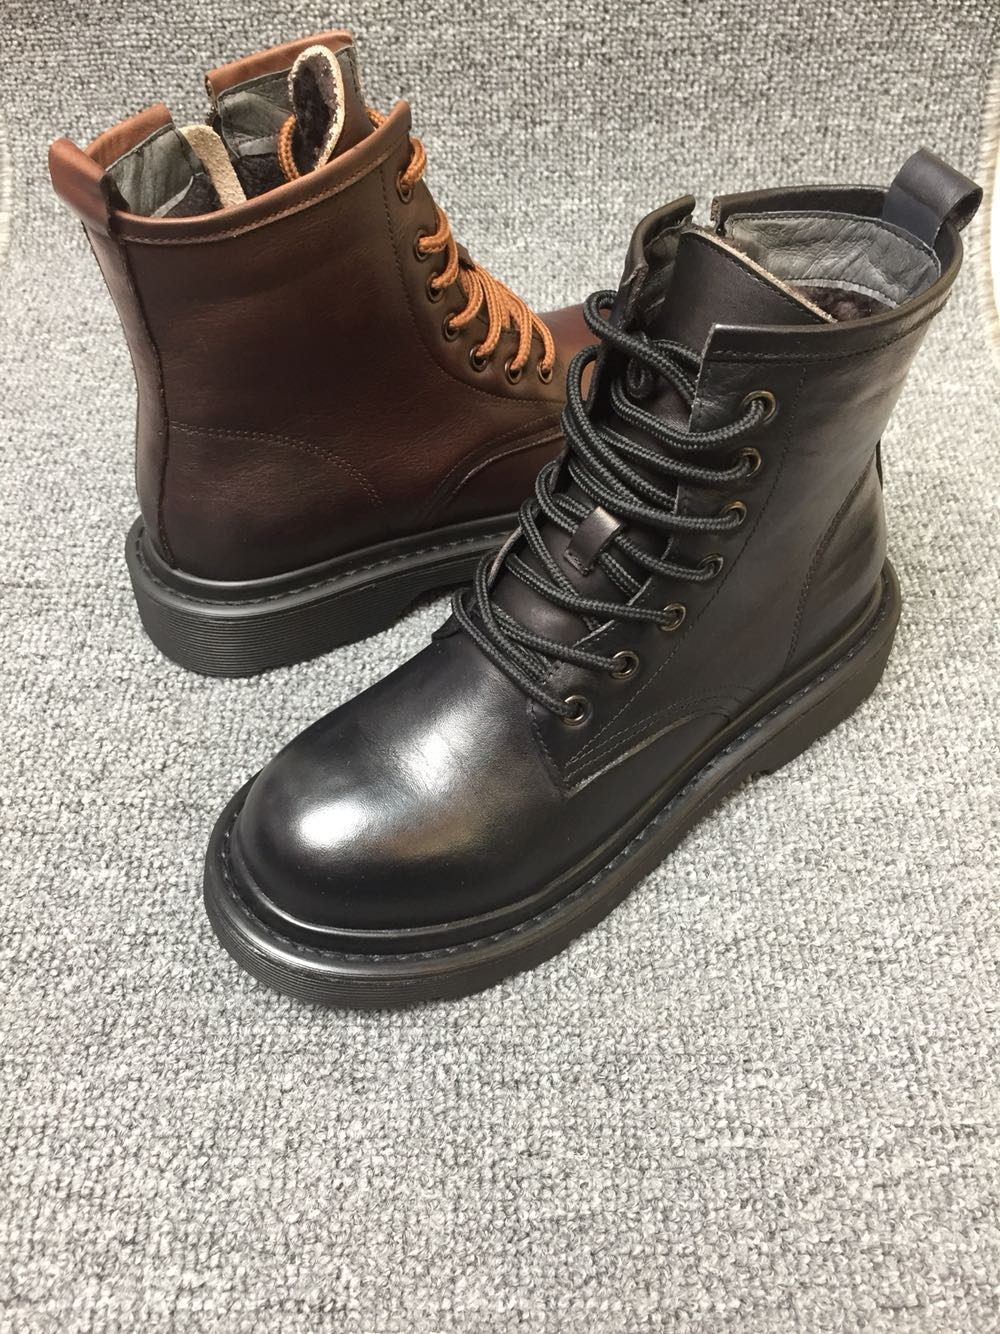 2019 mùa thu và mùa đông mới bằng da cao cấp dây kéo cao cấp của nhà ga châu Âu Giày cotton nữ Meiji Dina 2292-7 Martin ủng - Giày cao gót